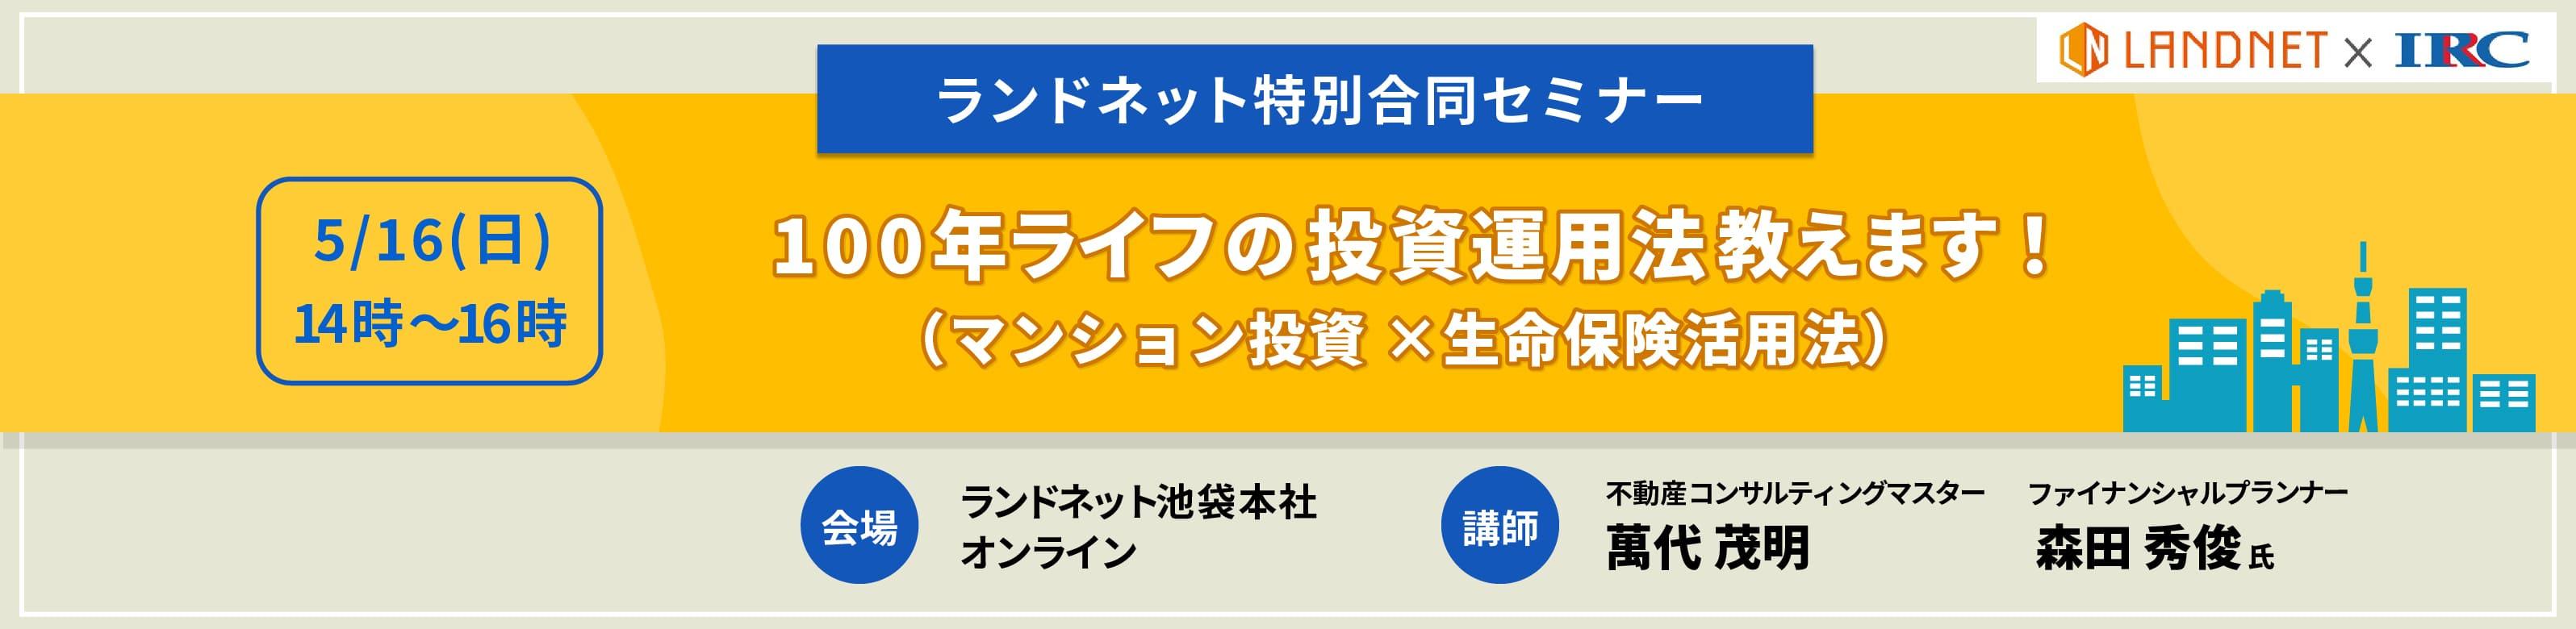 5月16日(日)【特別合同セミナー】100年ライフの投資運用法教えます!(マンション投資×生命保険活用法)開催決定開催決定